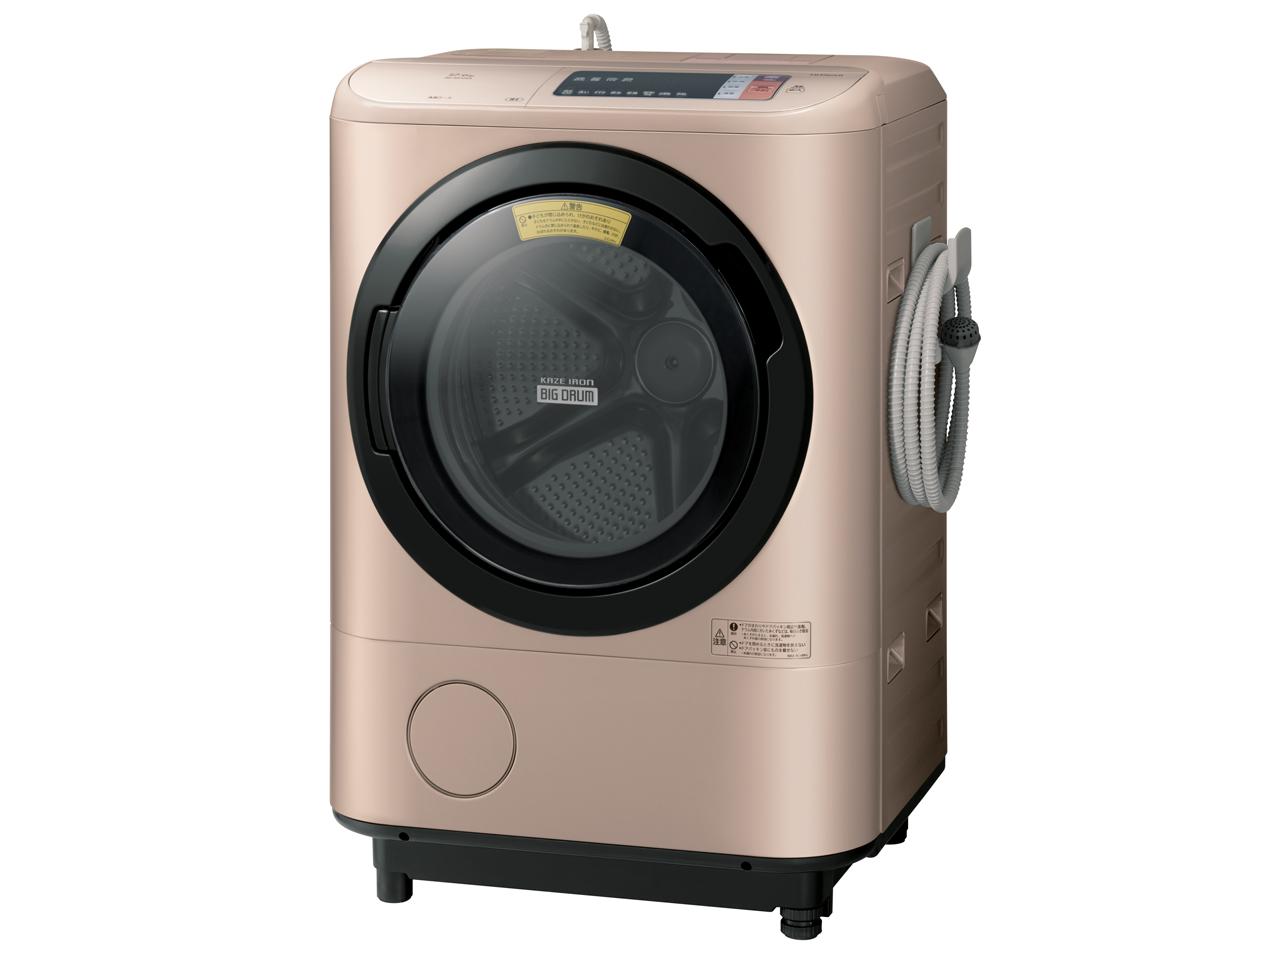 『本体』 ヒートリサイクル 風アイロン ビッグドラム BD-NX120AL(N) [シャンパン] の製品画像